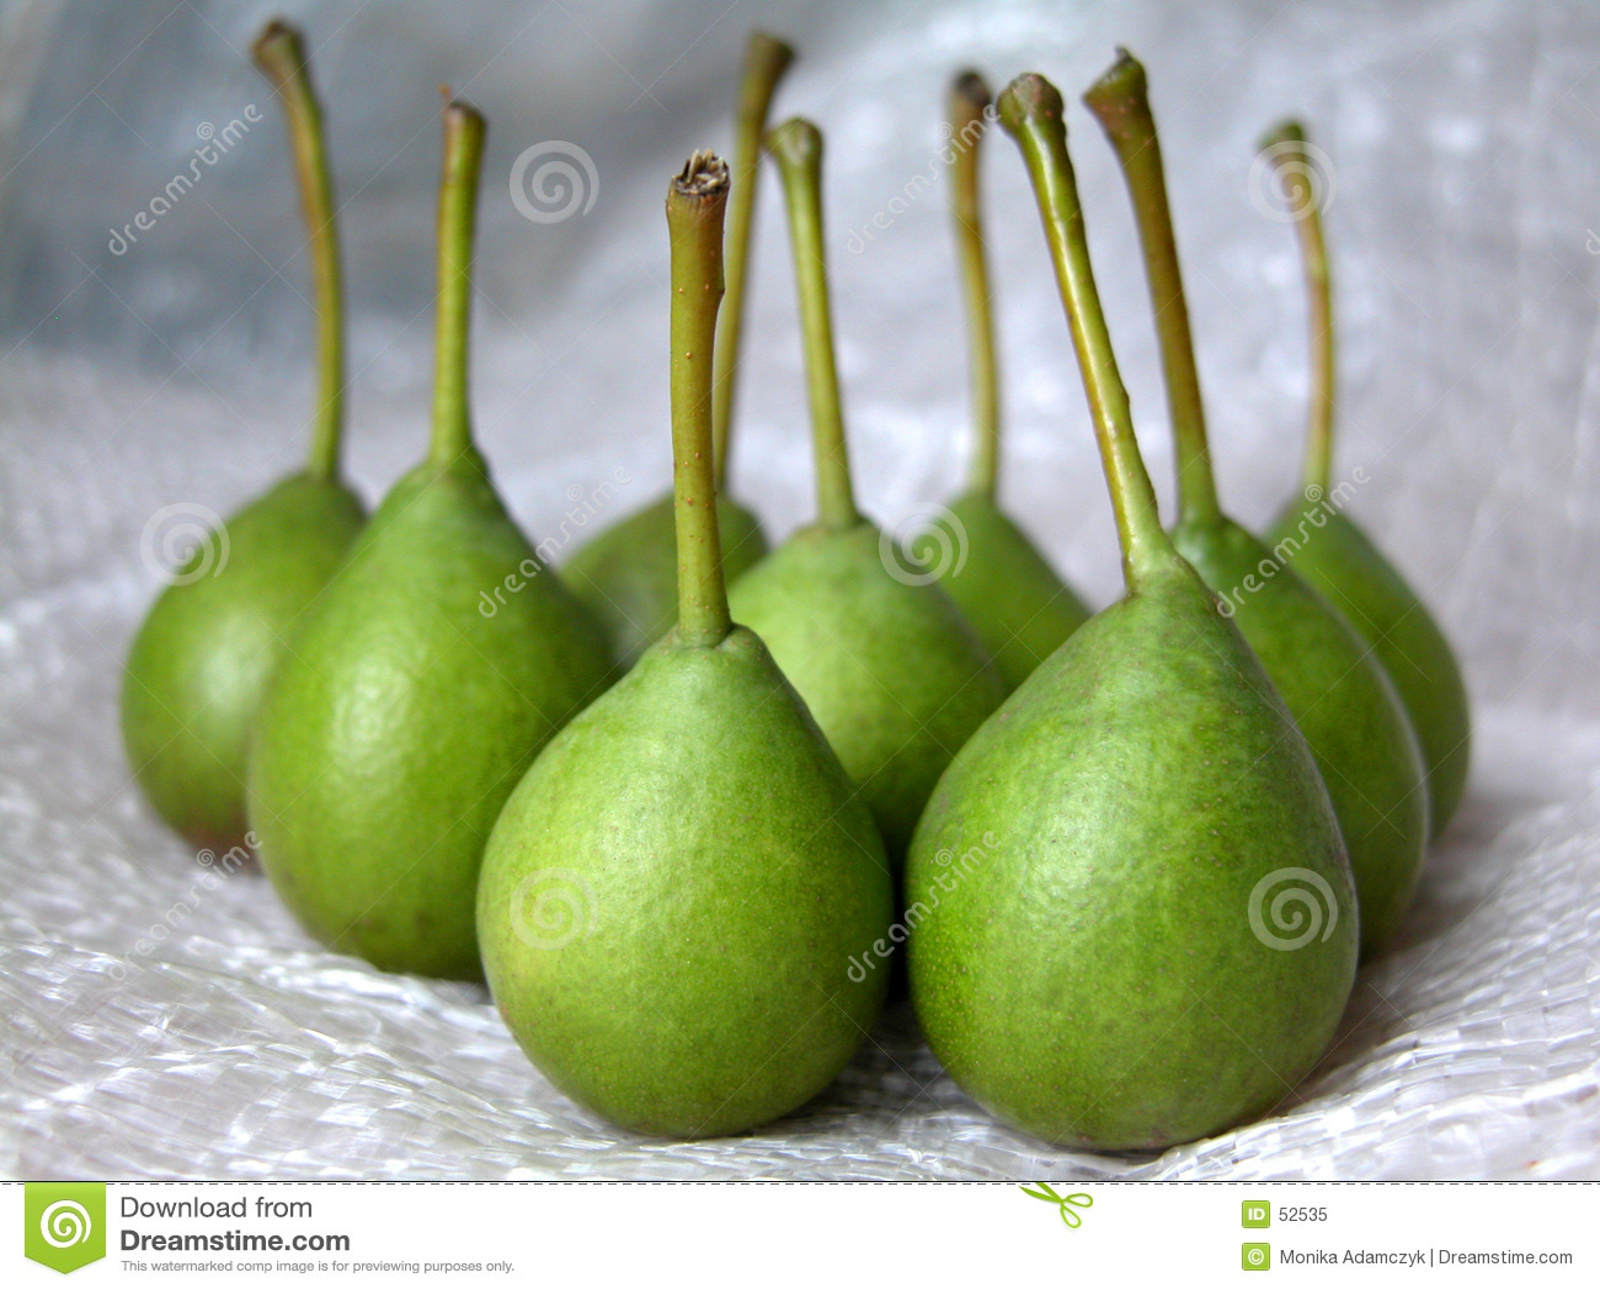 Download Poires image stock. Image du poire, fruit, ampoule, fruits - 52535